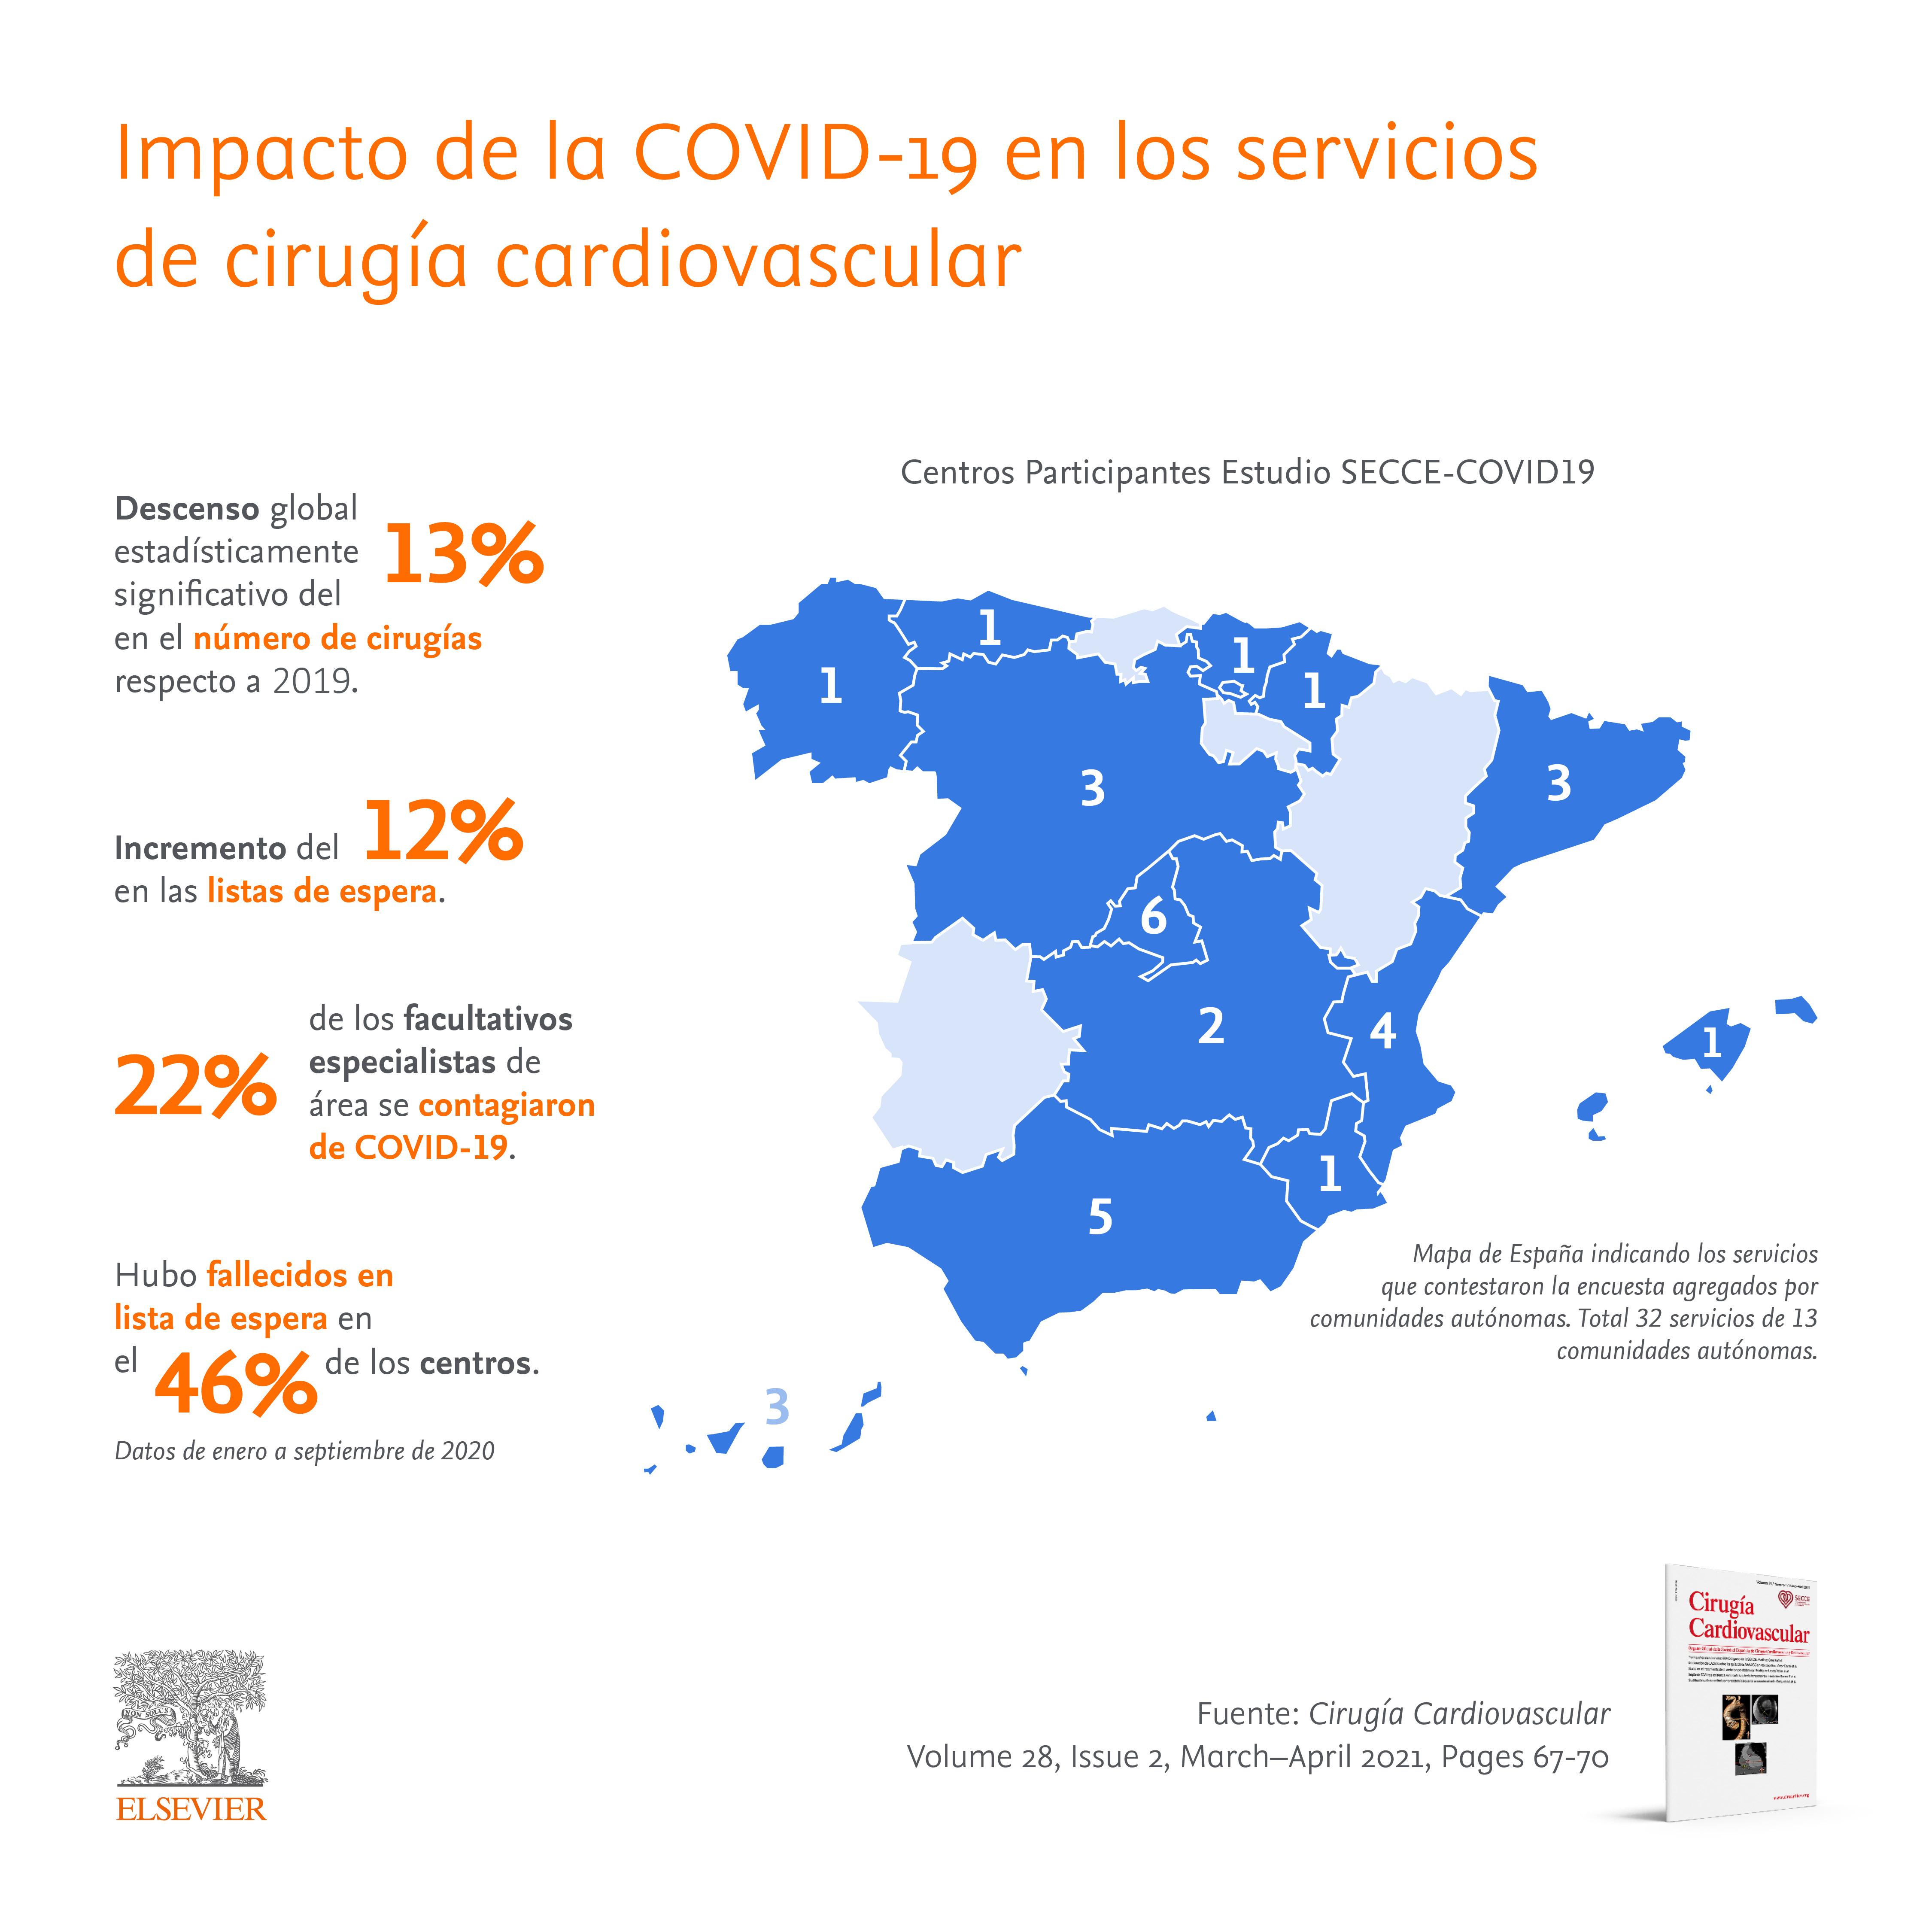 Impacto de la COVID-19 en los servicios de cirugía cardiovascular